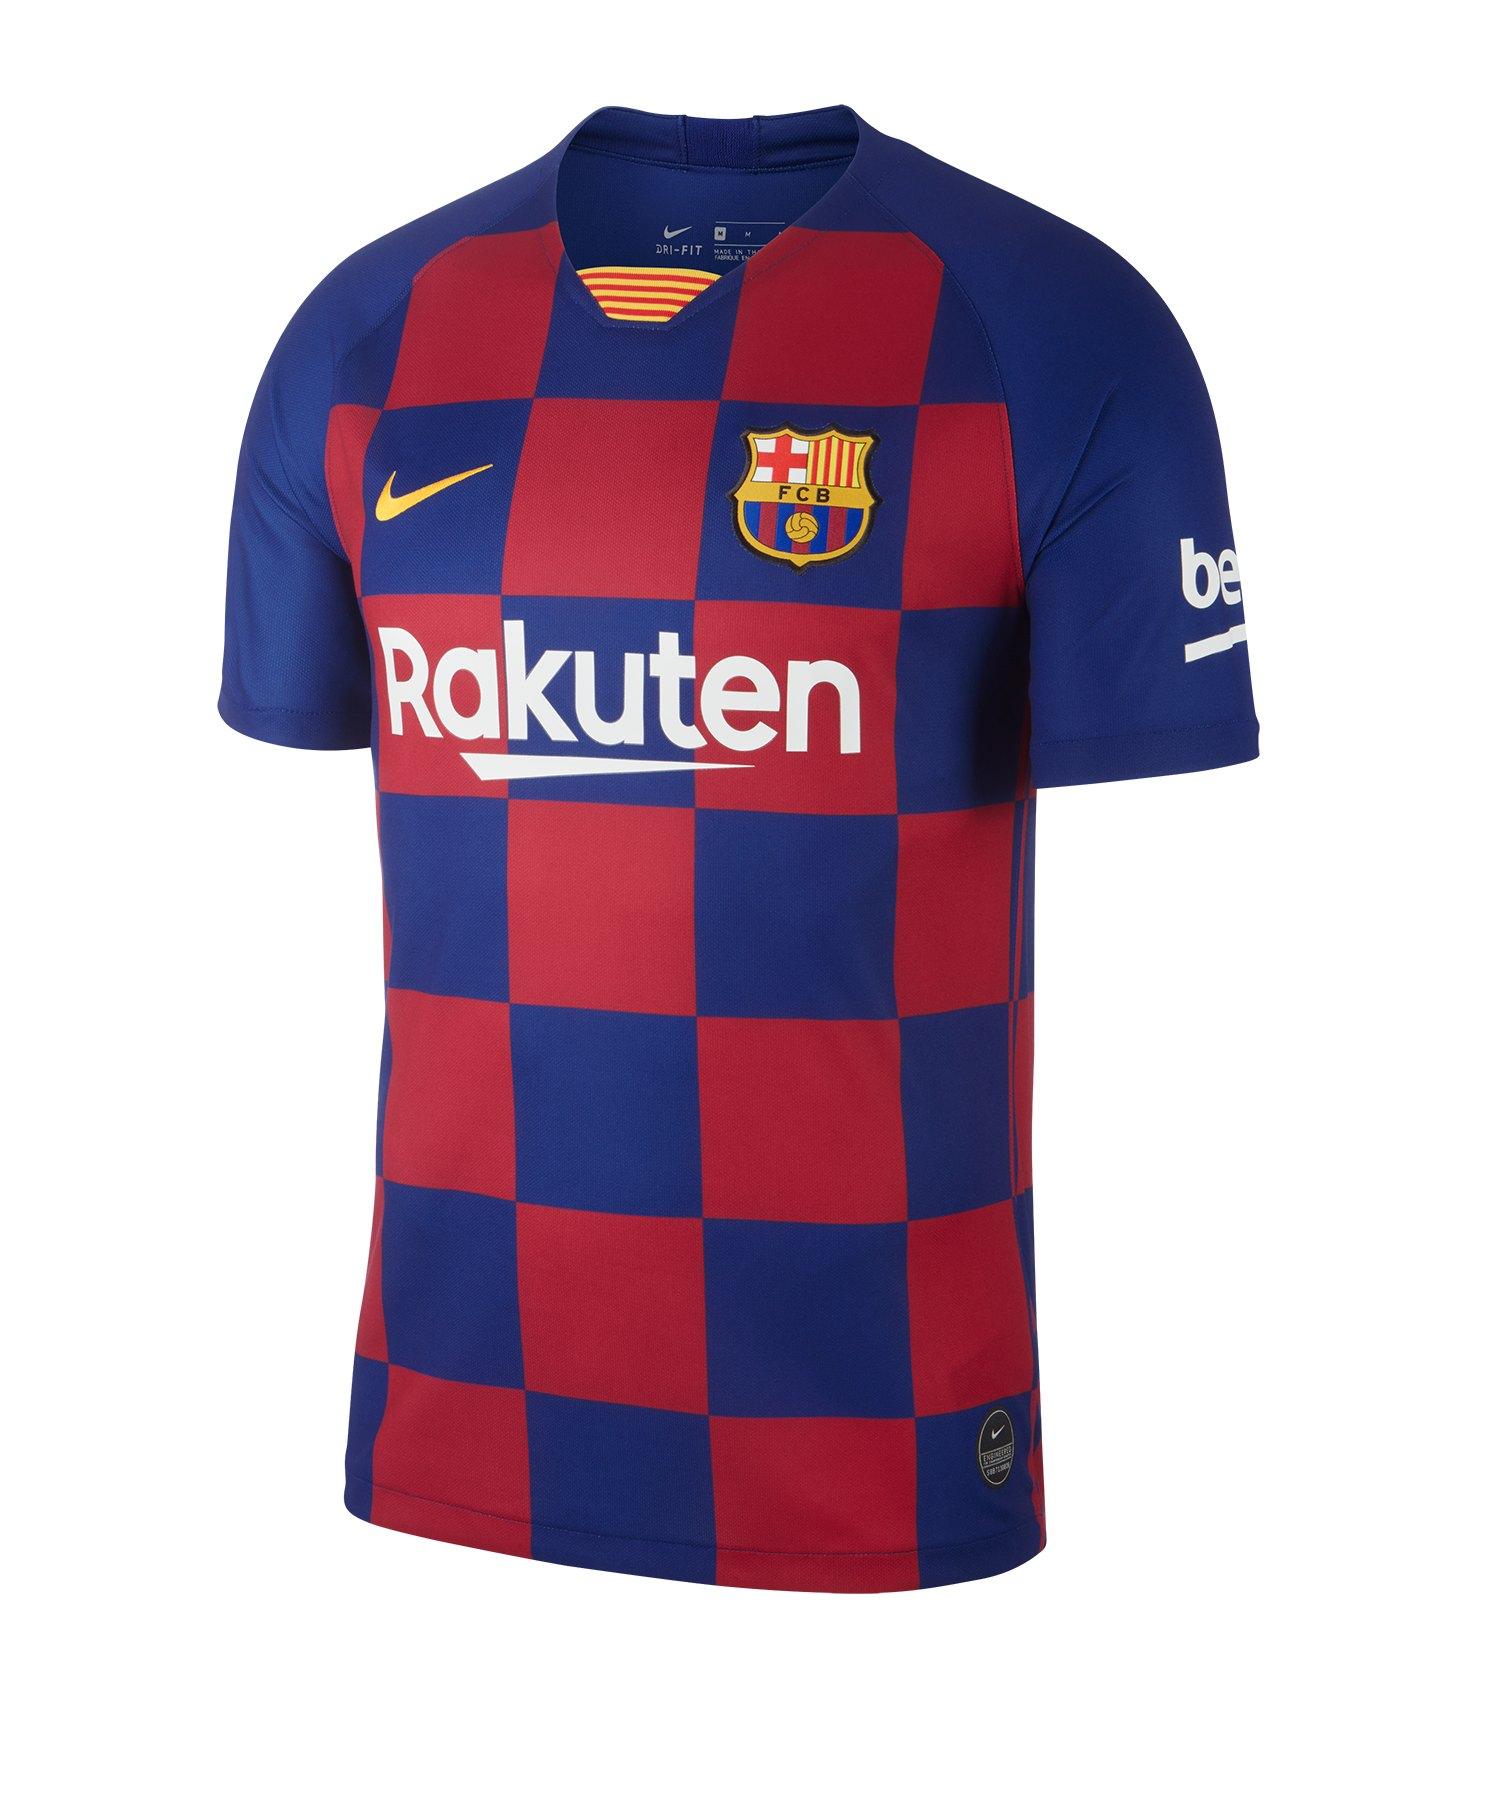 Nike FC Barcelona Trikot Home 2019/2020 Blau F456 - Blau